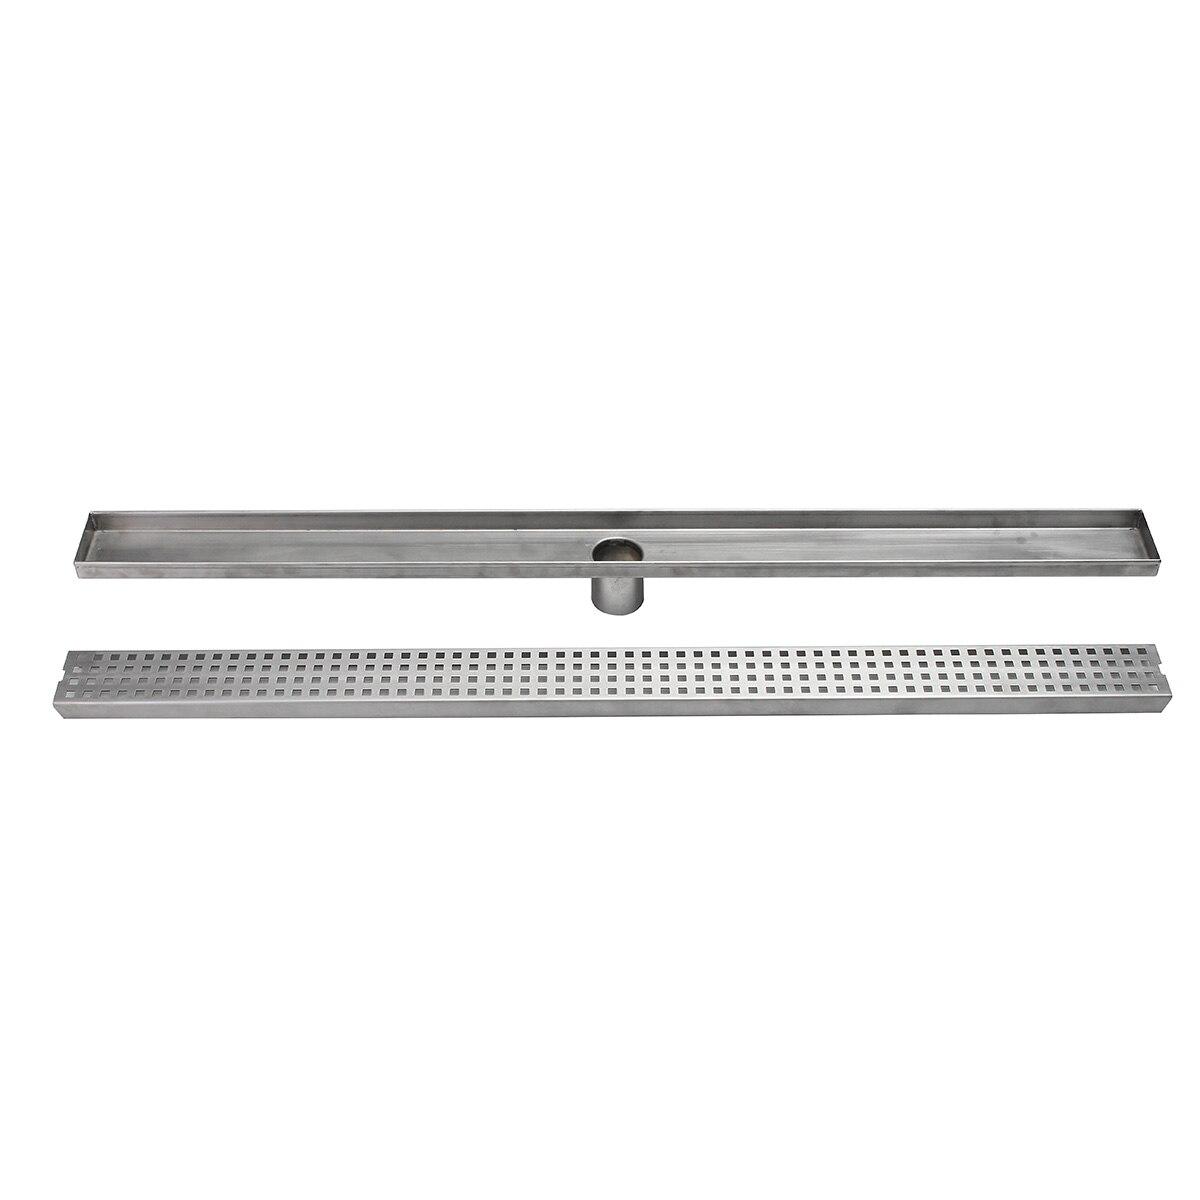 Stainless Steel Bathroom Shower Floor Drain 600mm/900mm Grates Waste Linear Tile Insert Long Drainer Floor Drain<br>